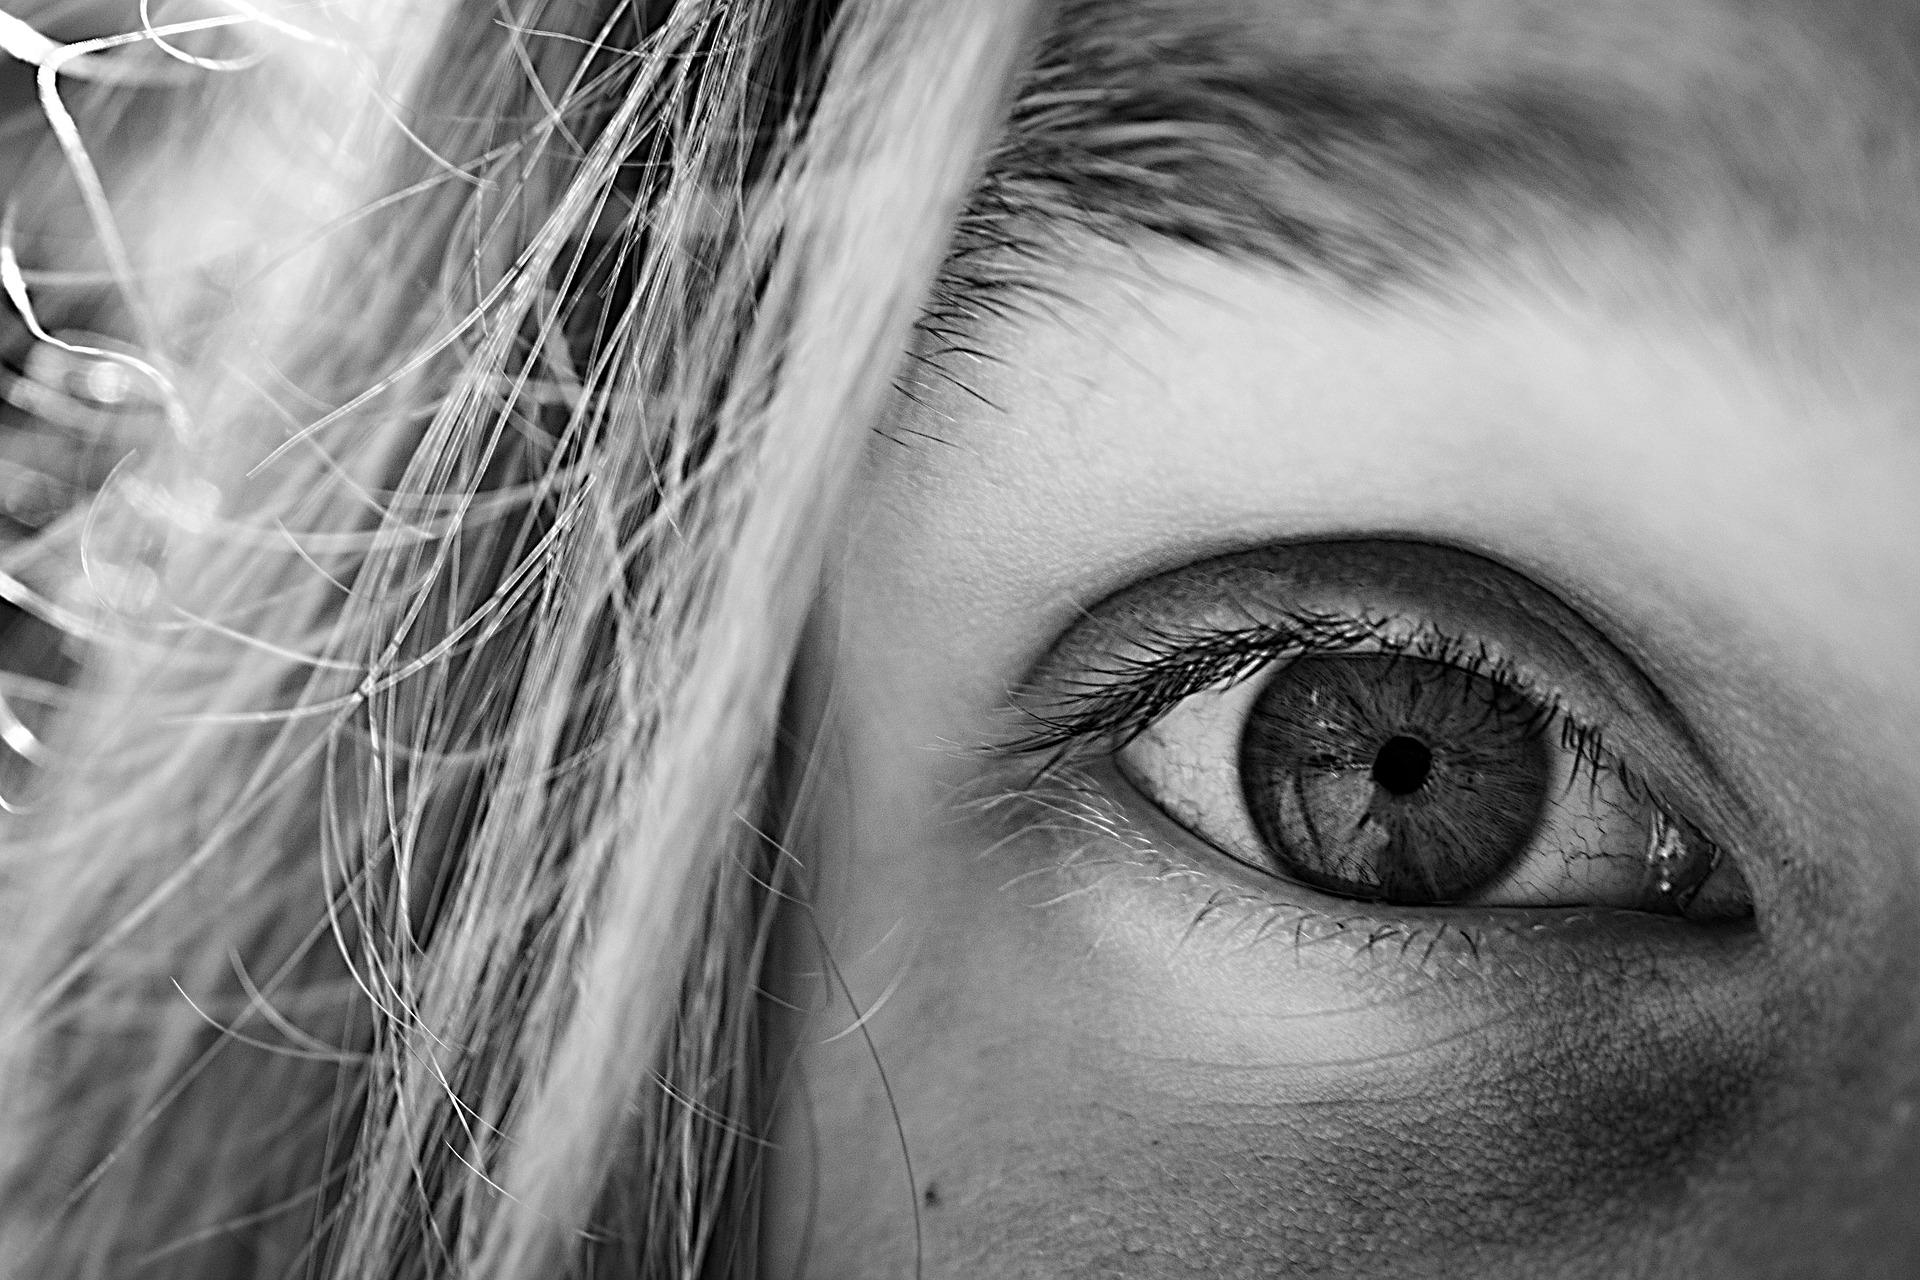 Ryckningar under ögat